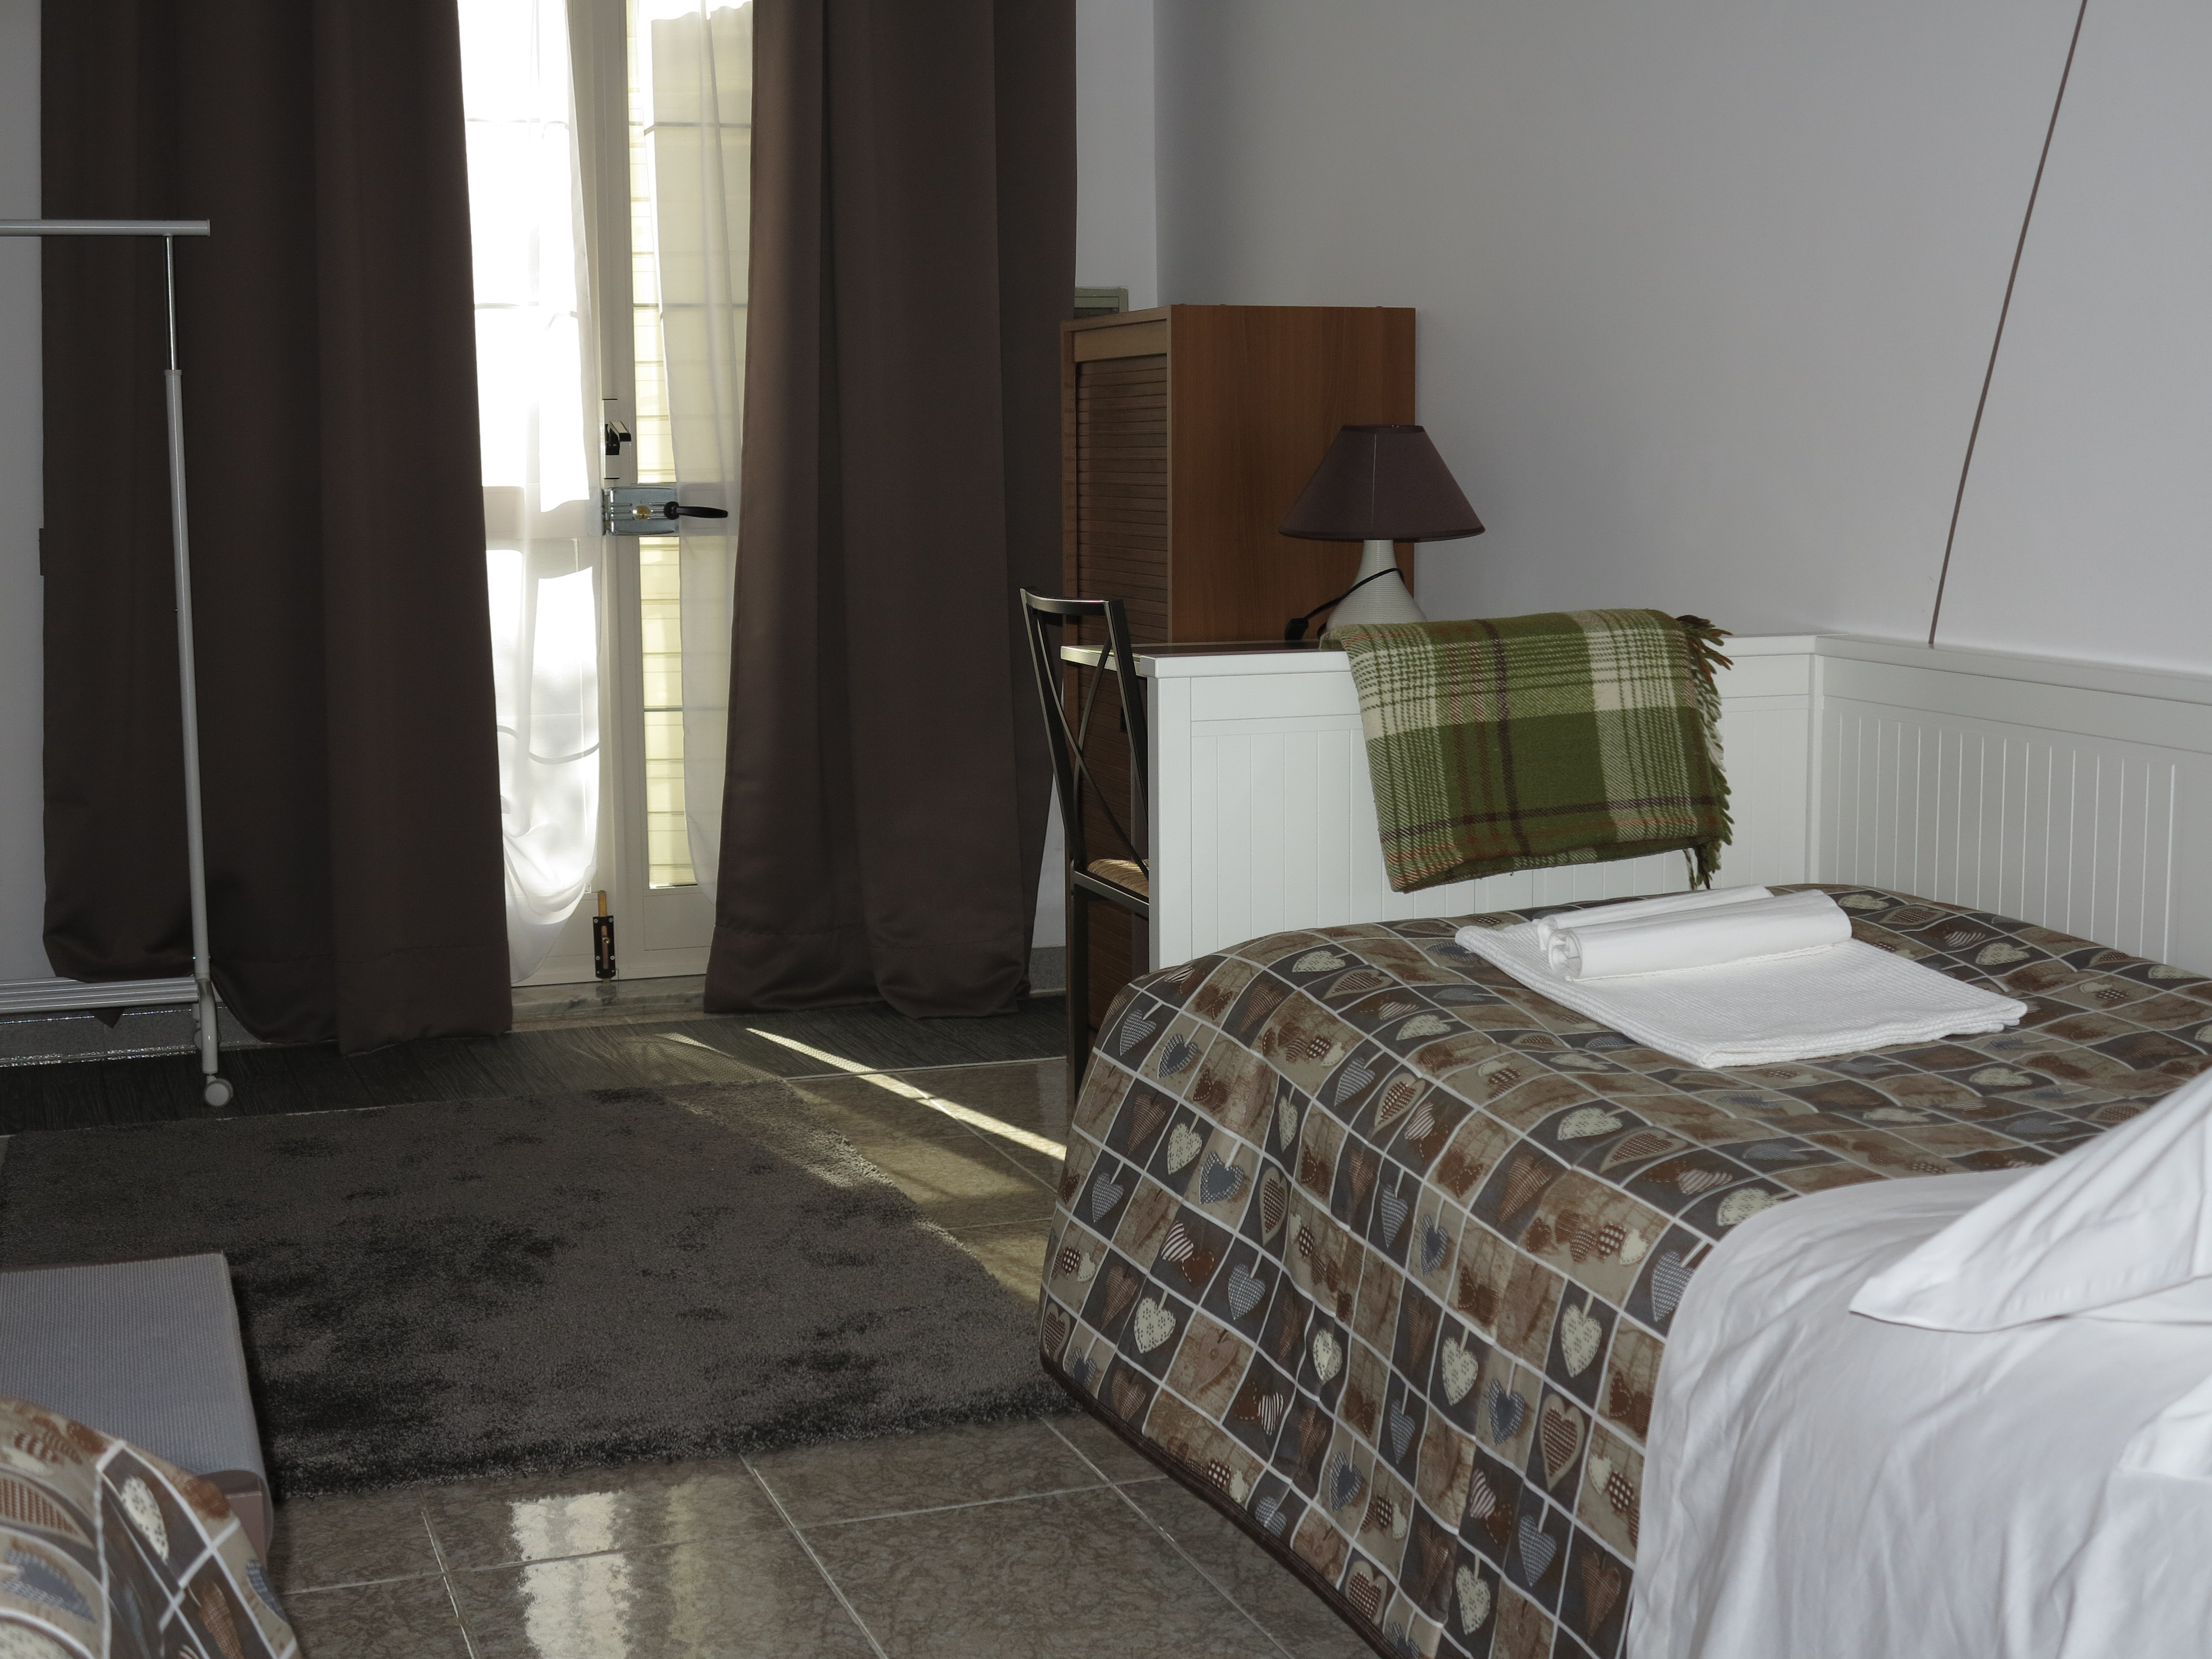 porta ingresso vista piscina divano letto aggiunto scrivania sedia scarpiera abat-jour